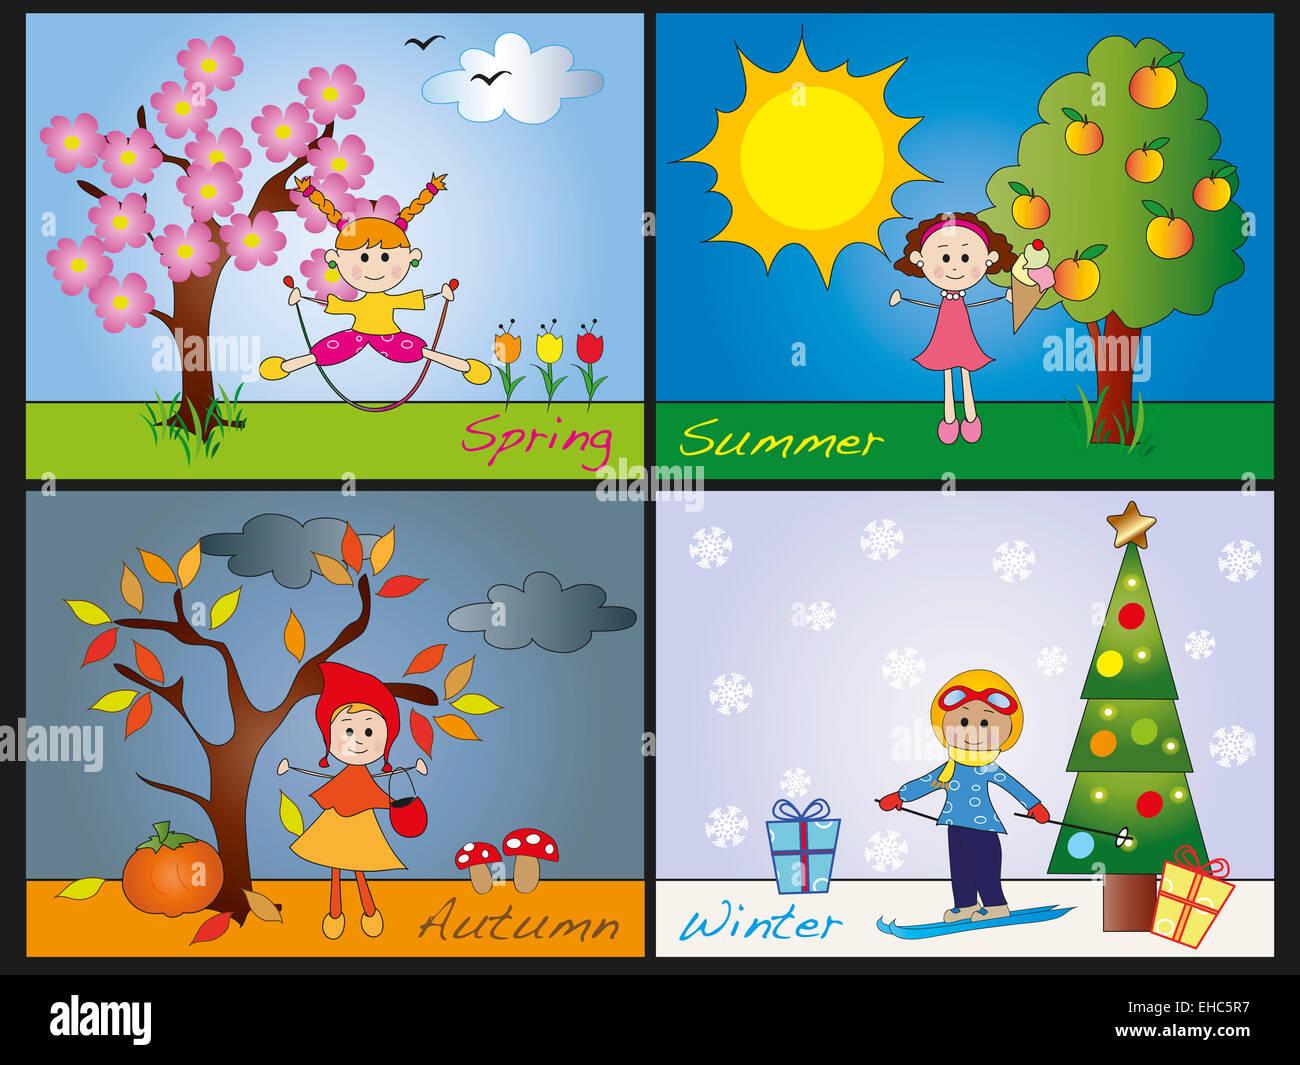 Darstellung Der Vier Jahreszeiten Mit Kindern Stockfoto Bild